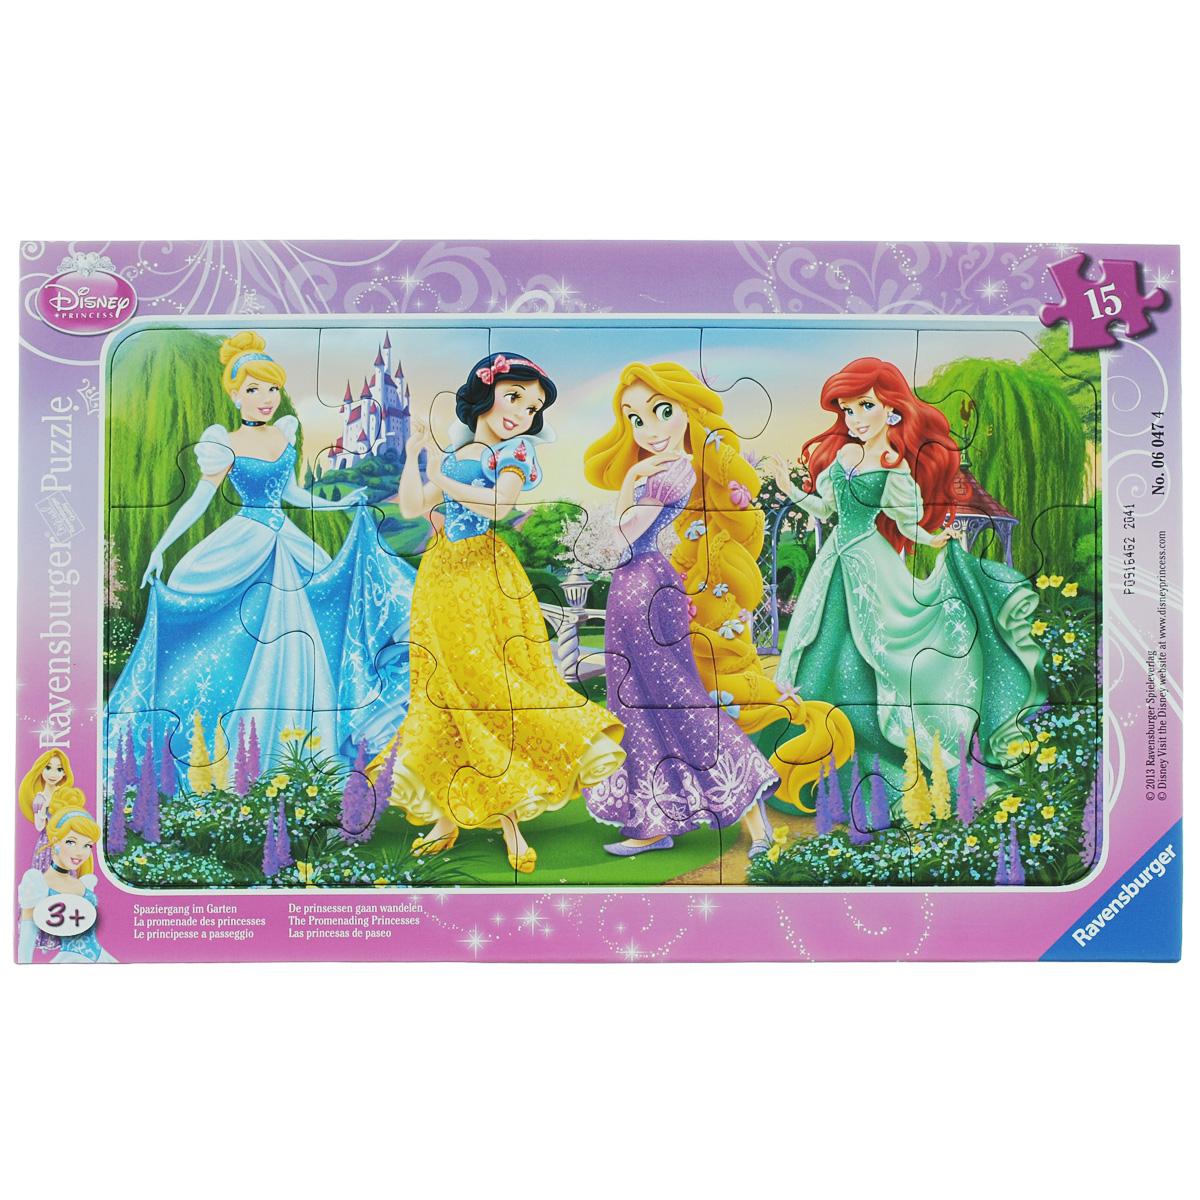 Ravensburger Принцессы на прогулке. Пазл, 15 элементов06047Пазл Ravensburger Принцессы на прогулке, несомненно, понравится вашему ребенку. Собрав этот пазл, включающий в себя 15 крупных элементов, вы получите замечательную картинку с изображением принцесс из диснеевских мультфильмов. Пазл собирается на специальной картонной подложке. Пазлы - замечательная развивающая игра для детей. Собирание пазла развивает у ребенка мелкую моторику рук, тренирует наблюдательность, логическое мышление, знакомит с окружающим миром, с цветом и разнообразными формами, учит усидчивости и терпению, аккуратности и вниманию.